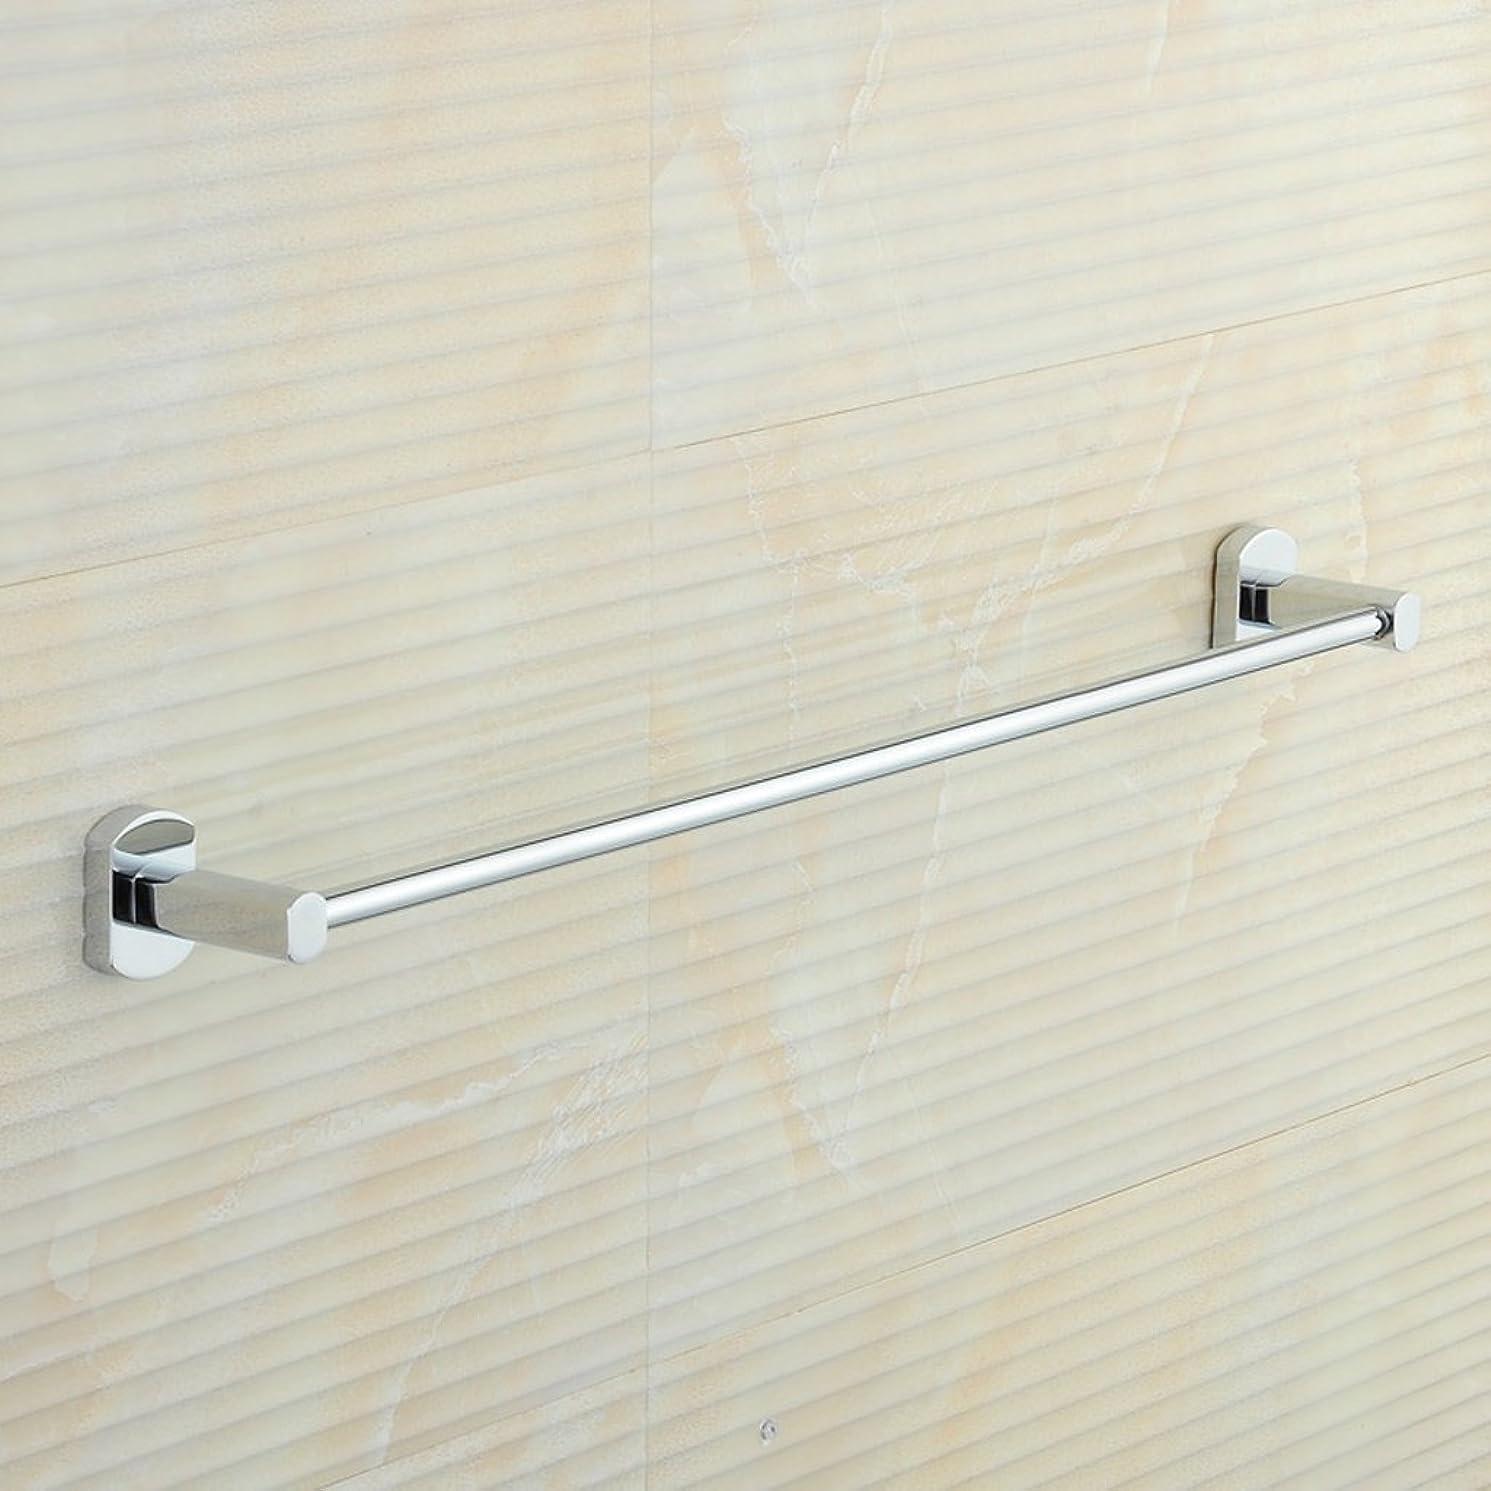 ドーム落胆させるディスクIVHJLP すべてのブロンズ単発タオルラック浴室ハードウェア浴室ペンダント浴室のタオルラックバスルームアクセサリー